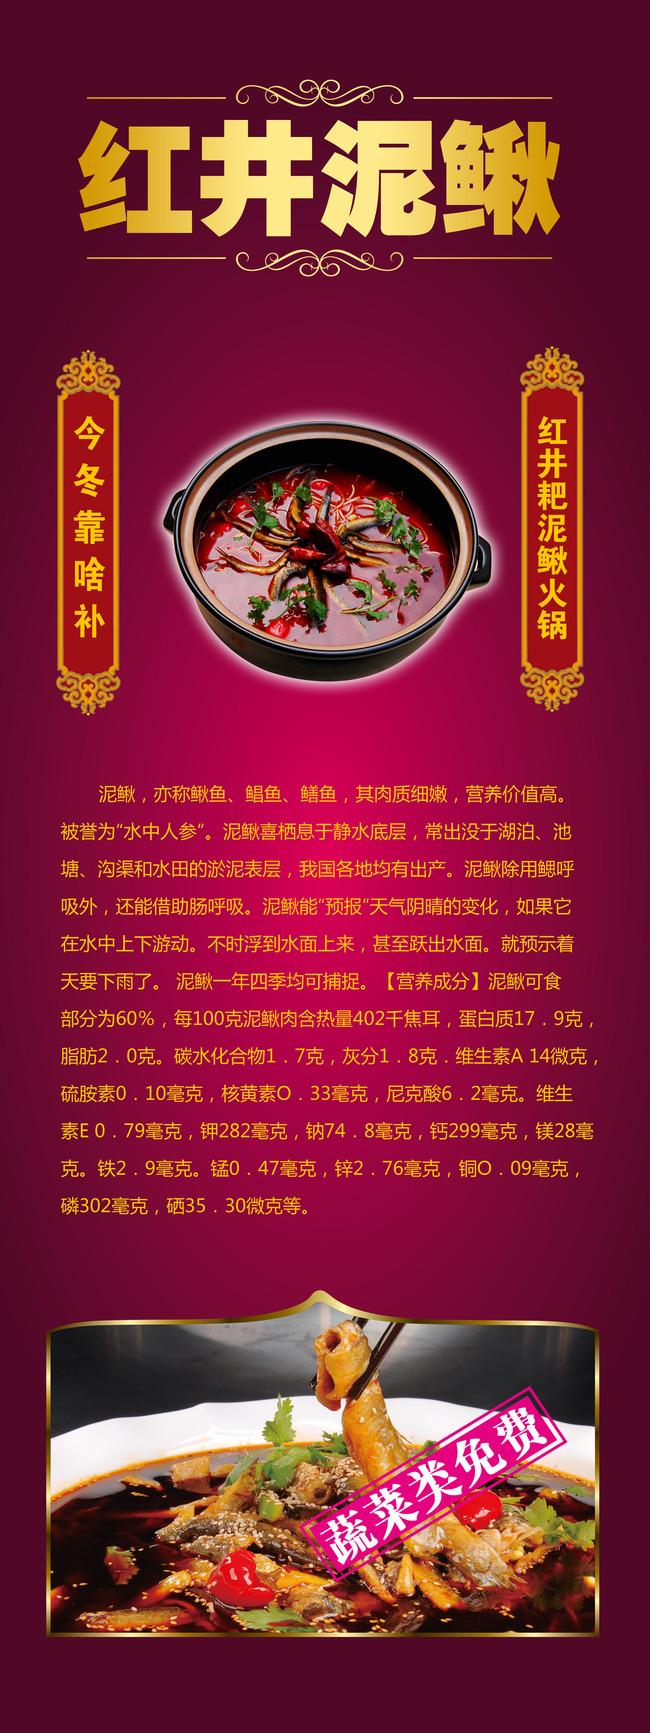 火锅店泥鳅海报